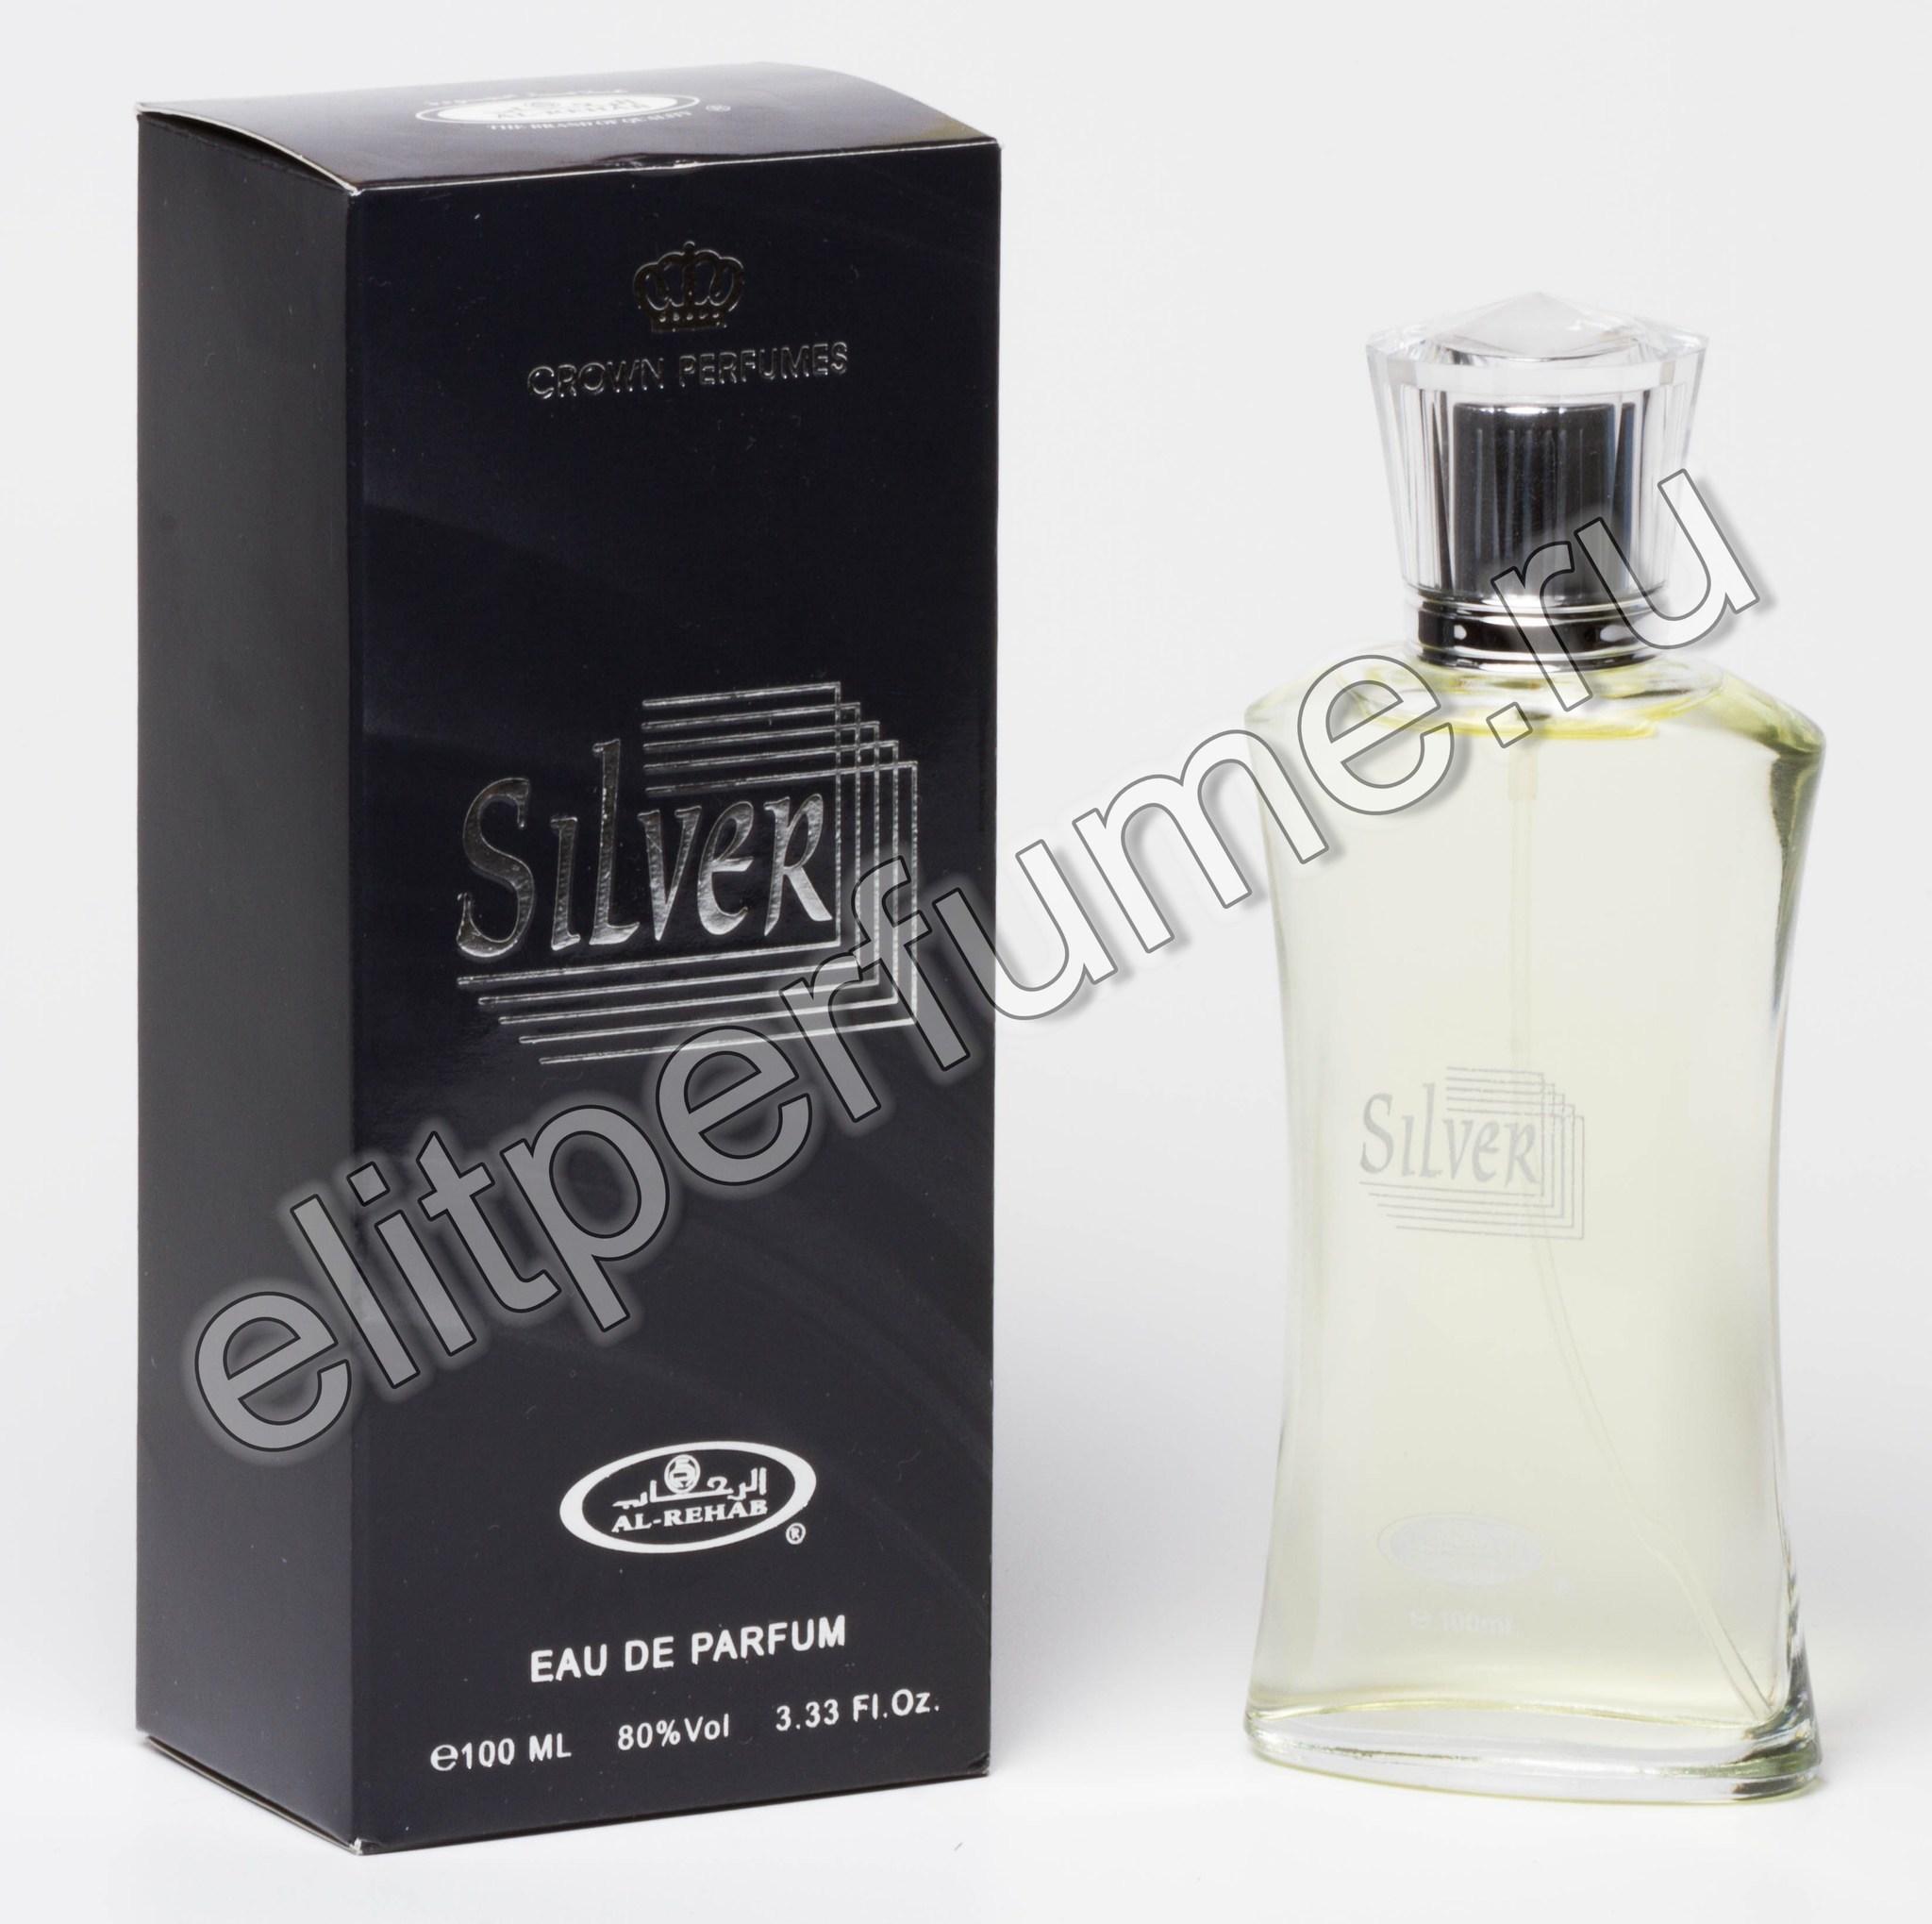 Пробник для Silver Серебро 1 мл cпрей от Аль Рехаб Al Rehab